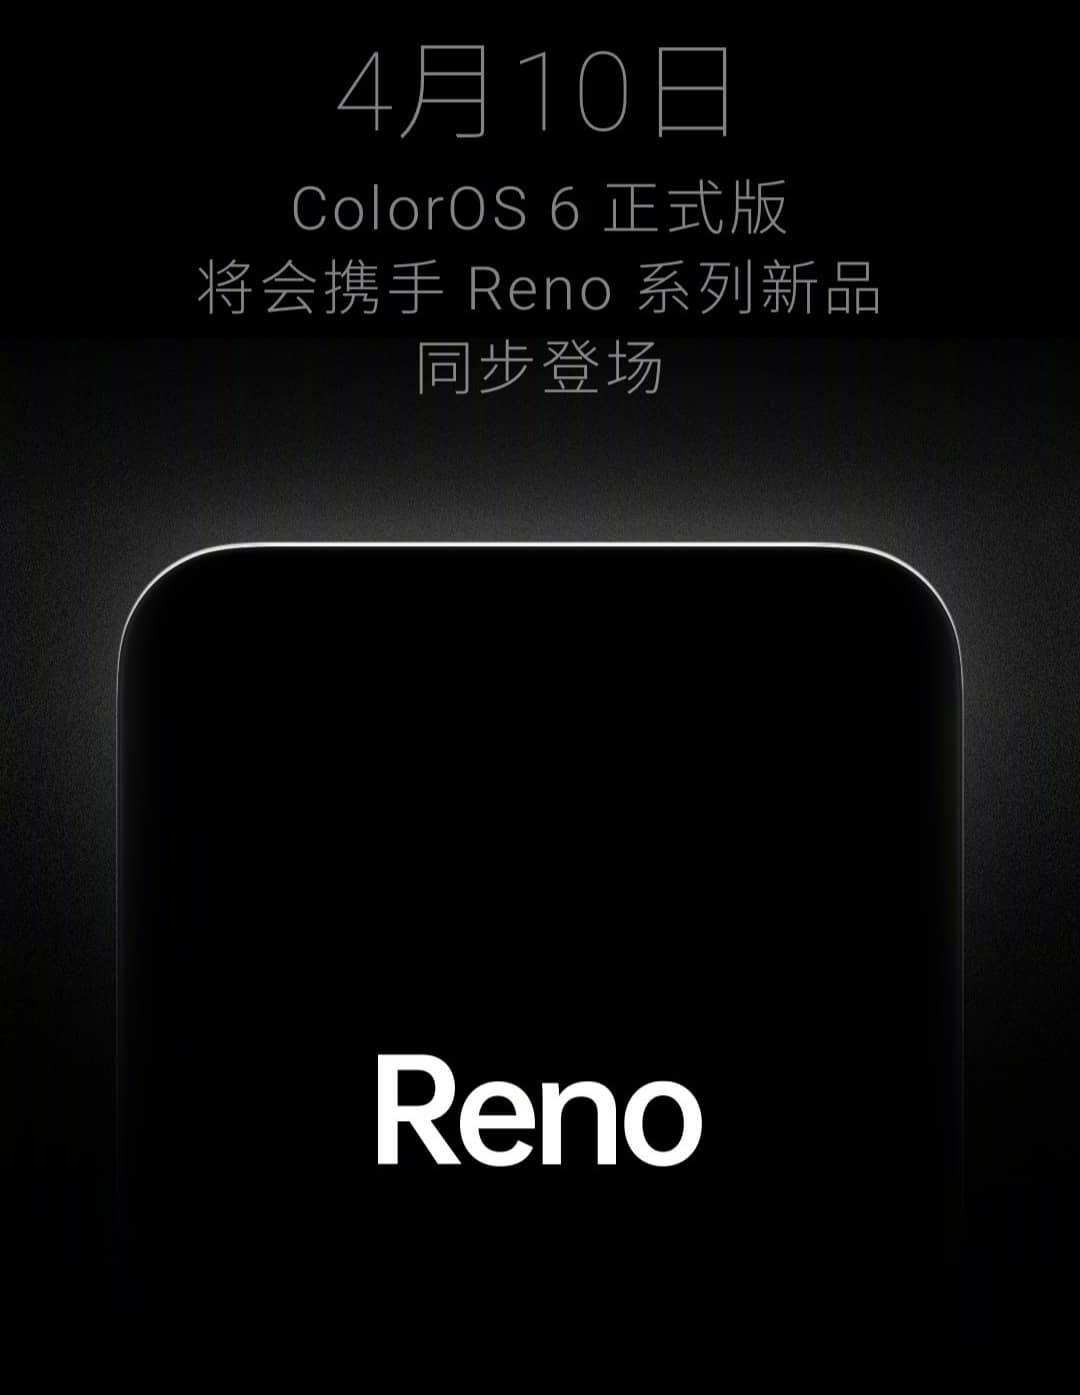 Oppo Reno ColorOS 6